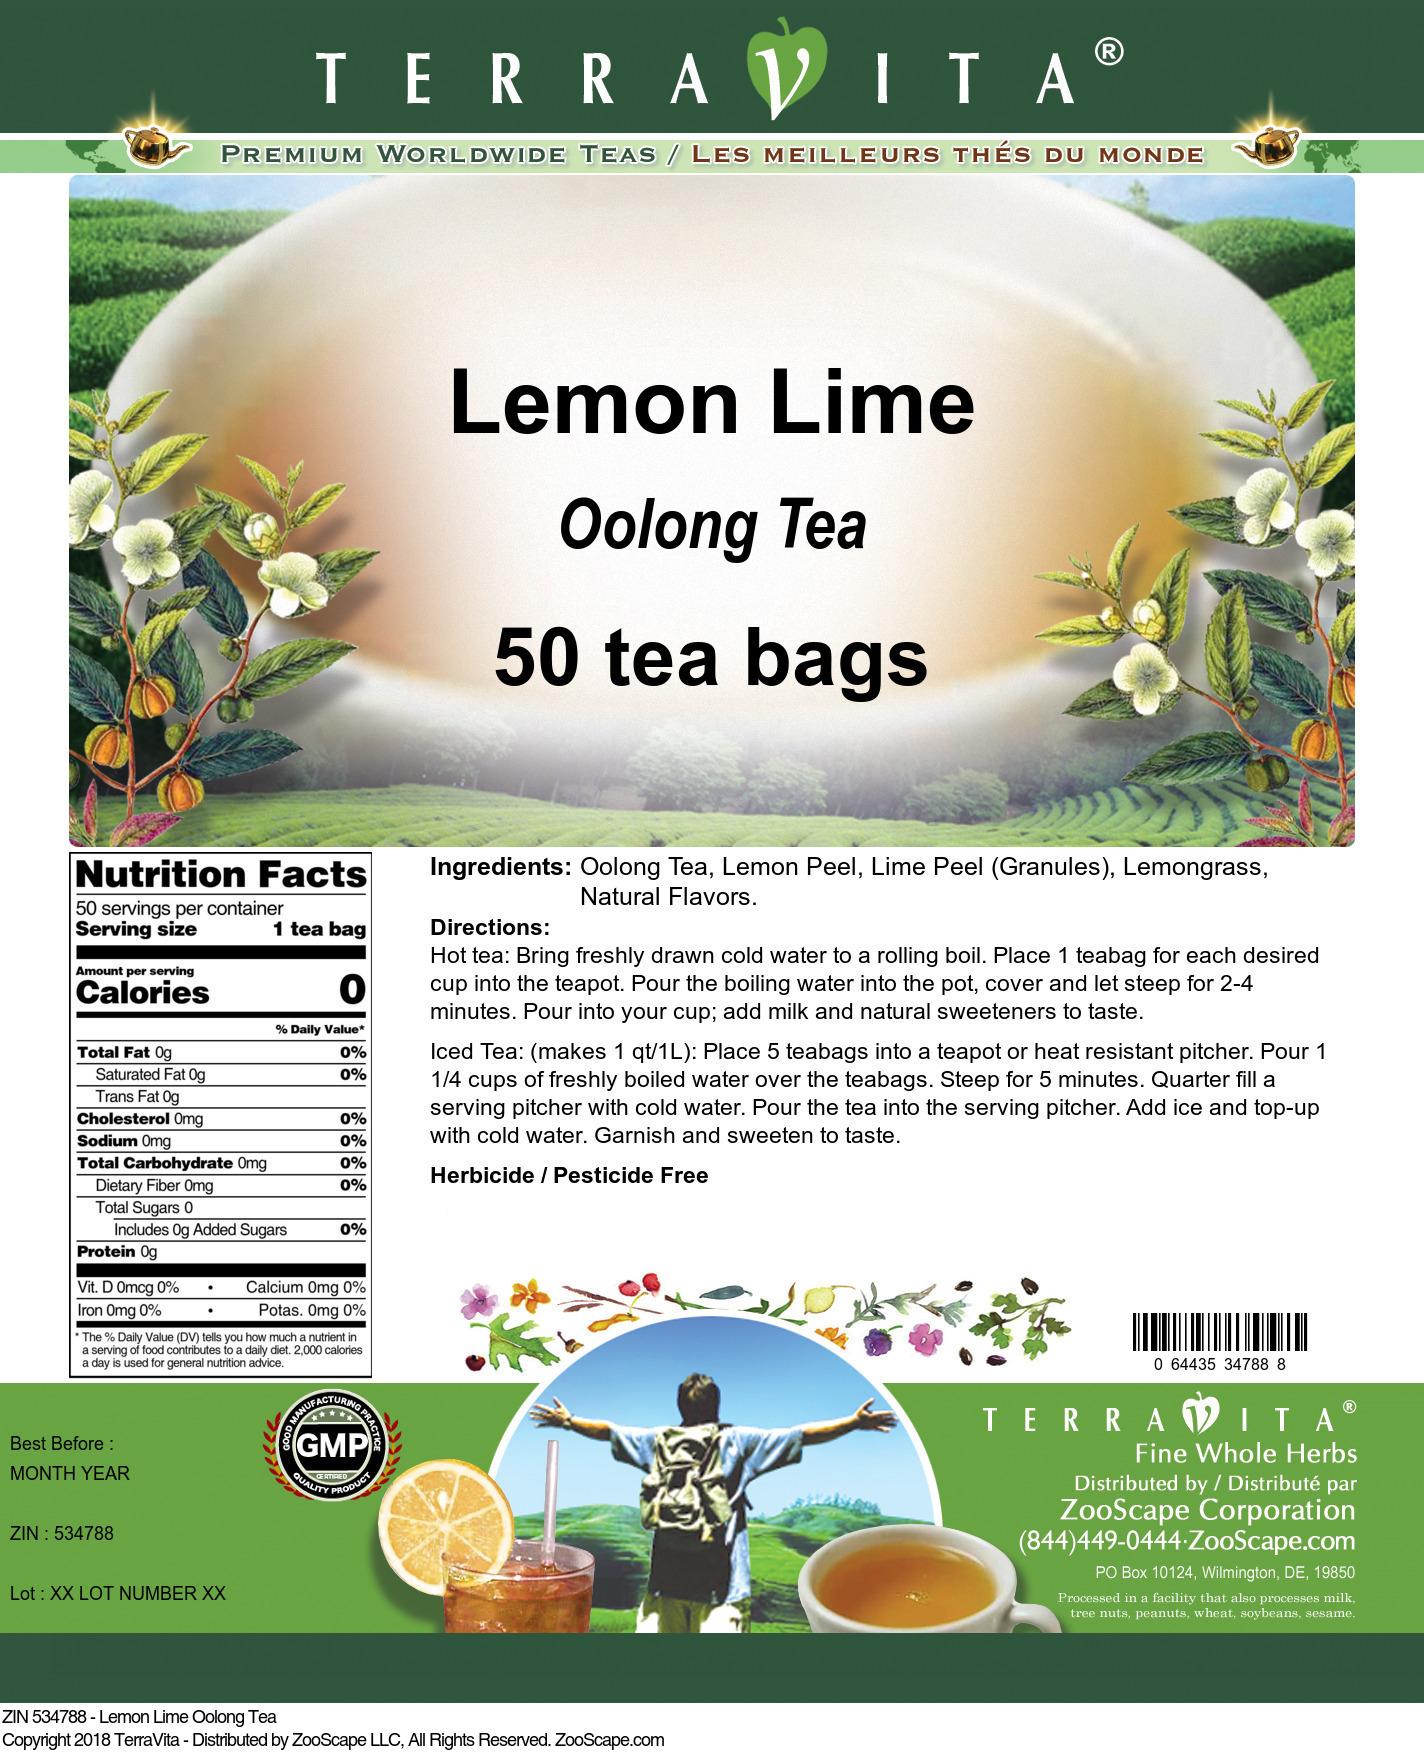 Lemon Lime Oolong Tea